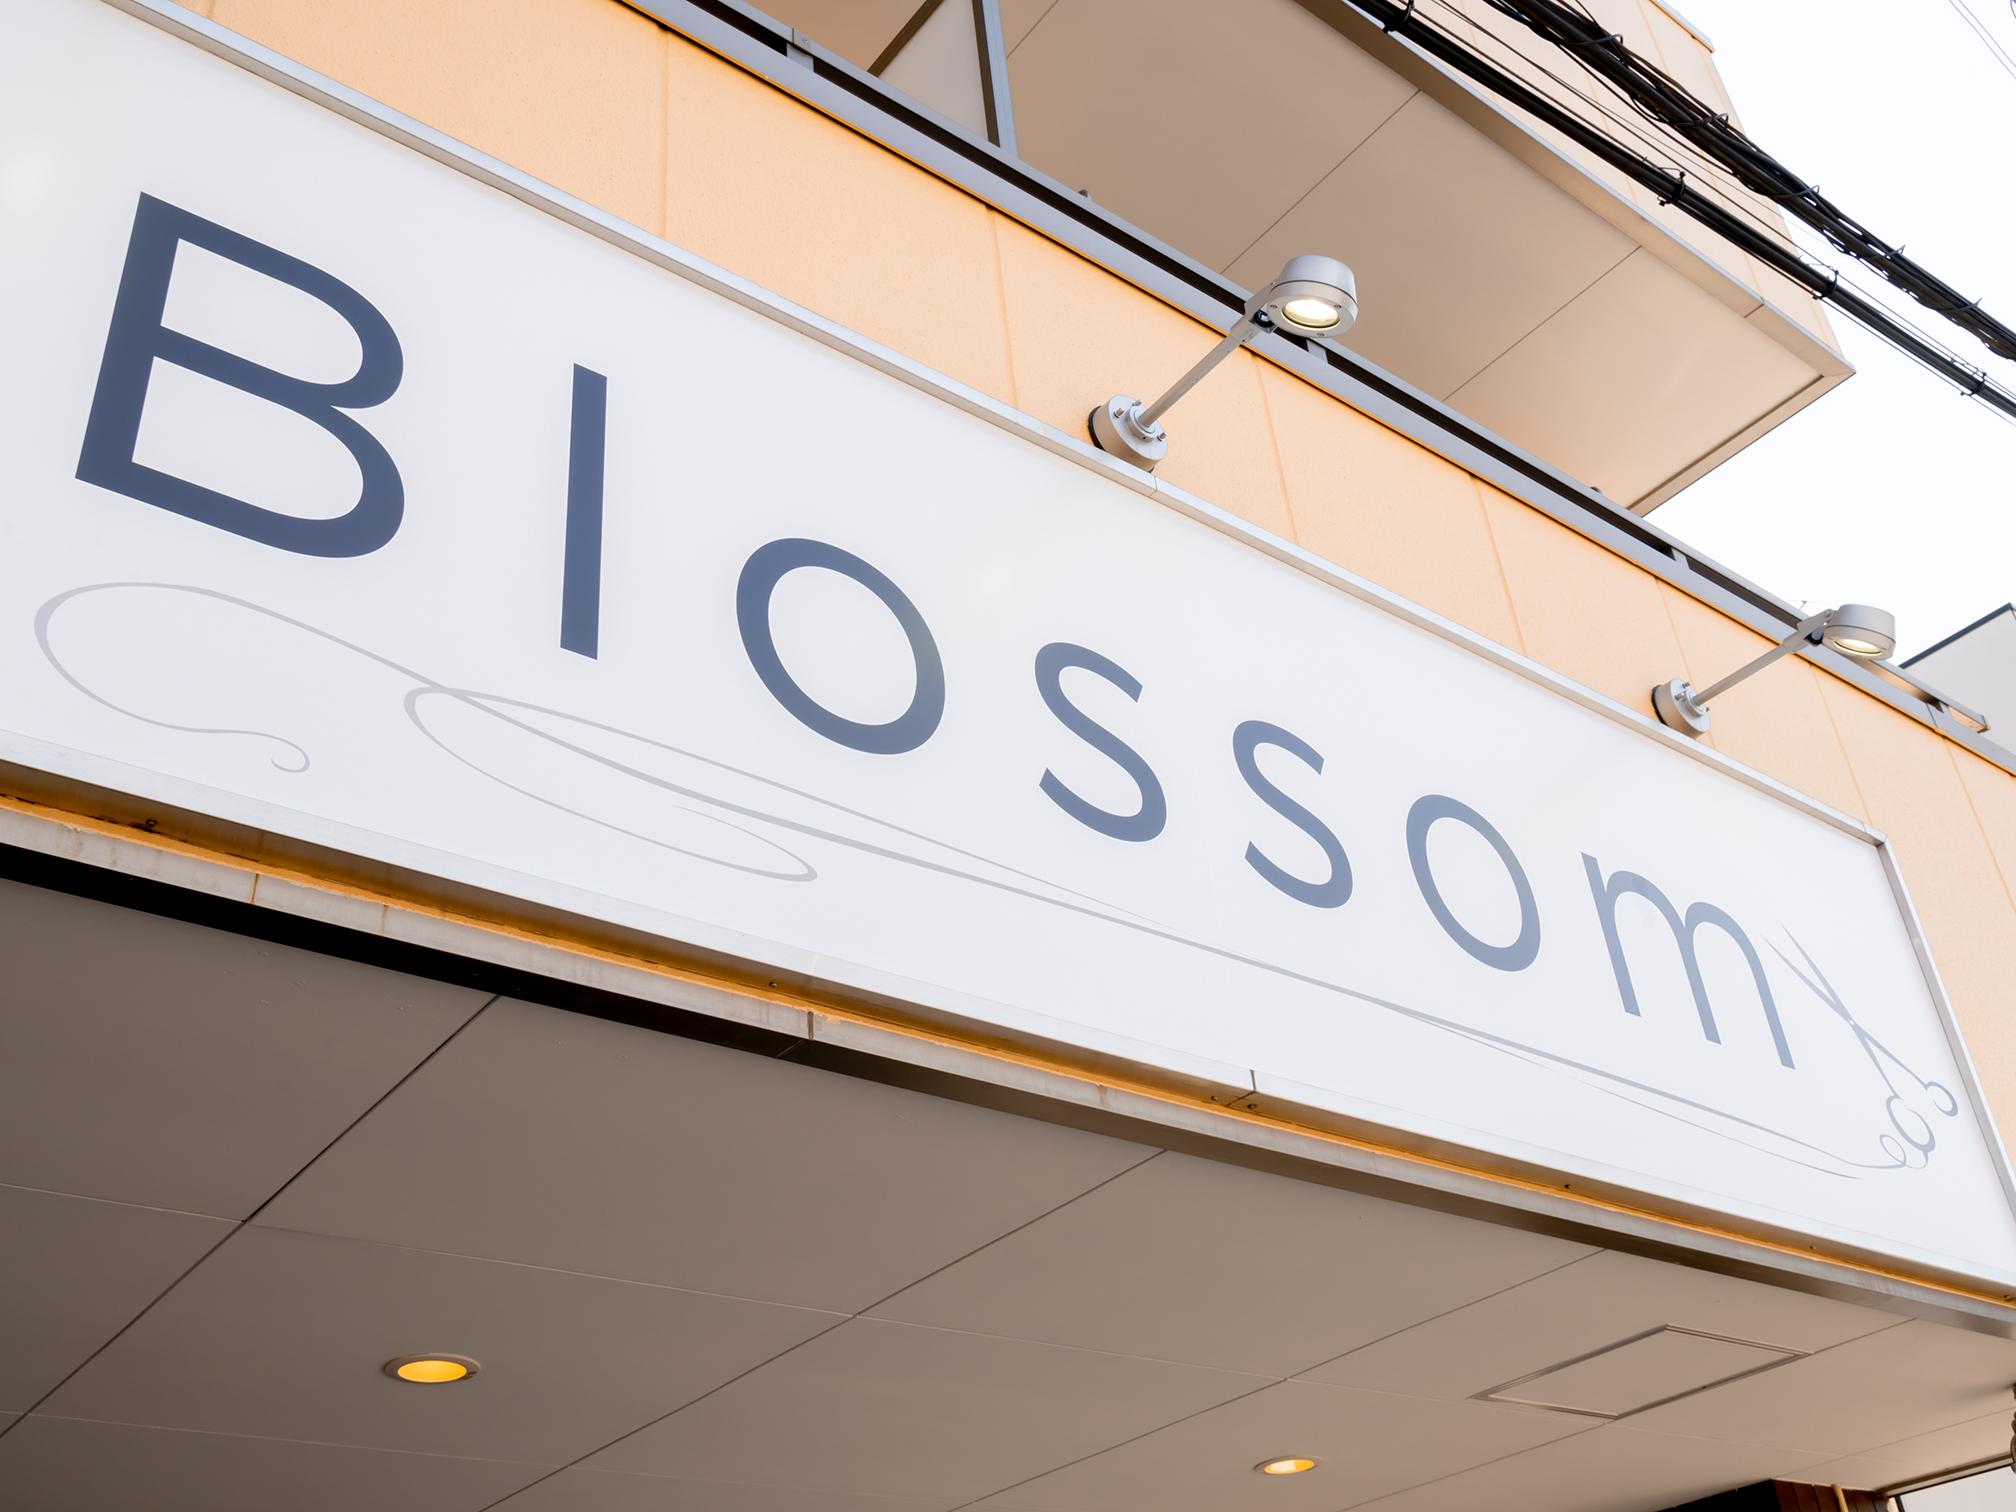 Blossom 鶴瀬店